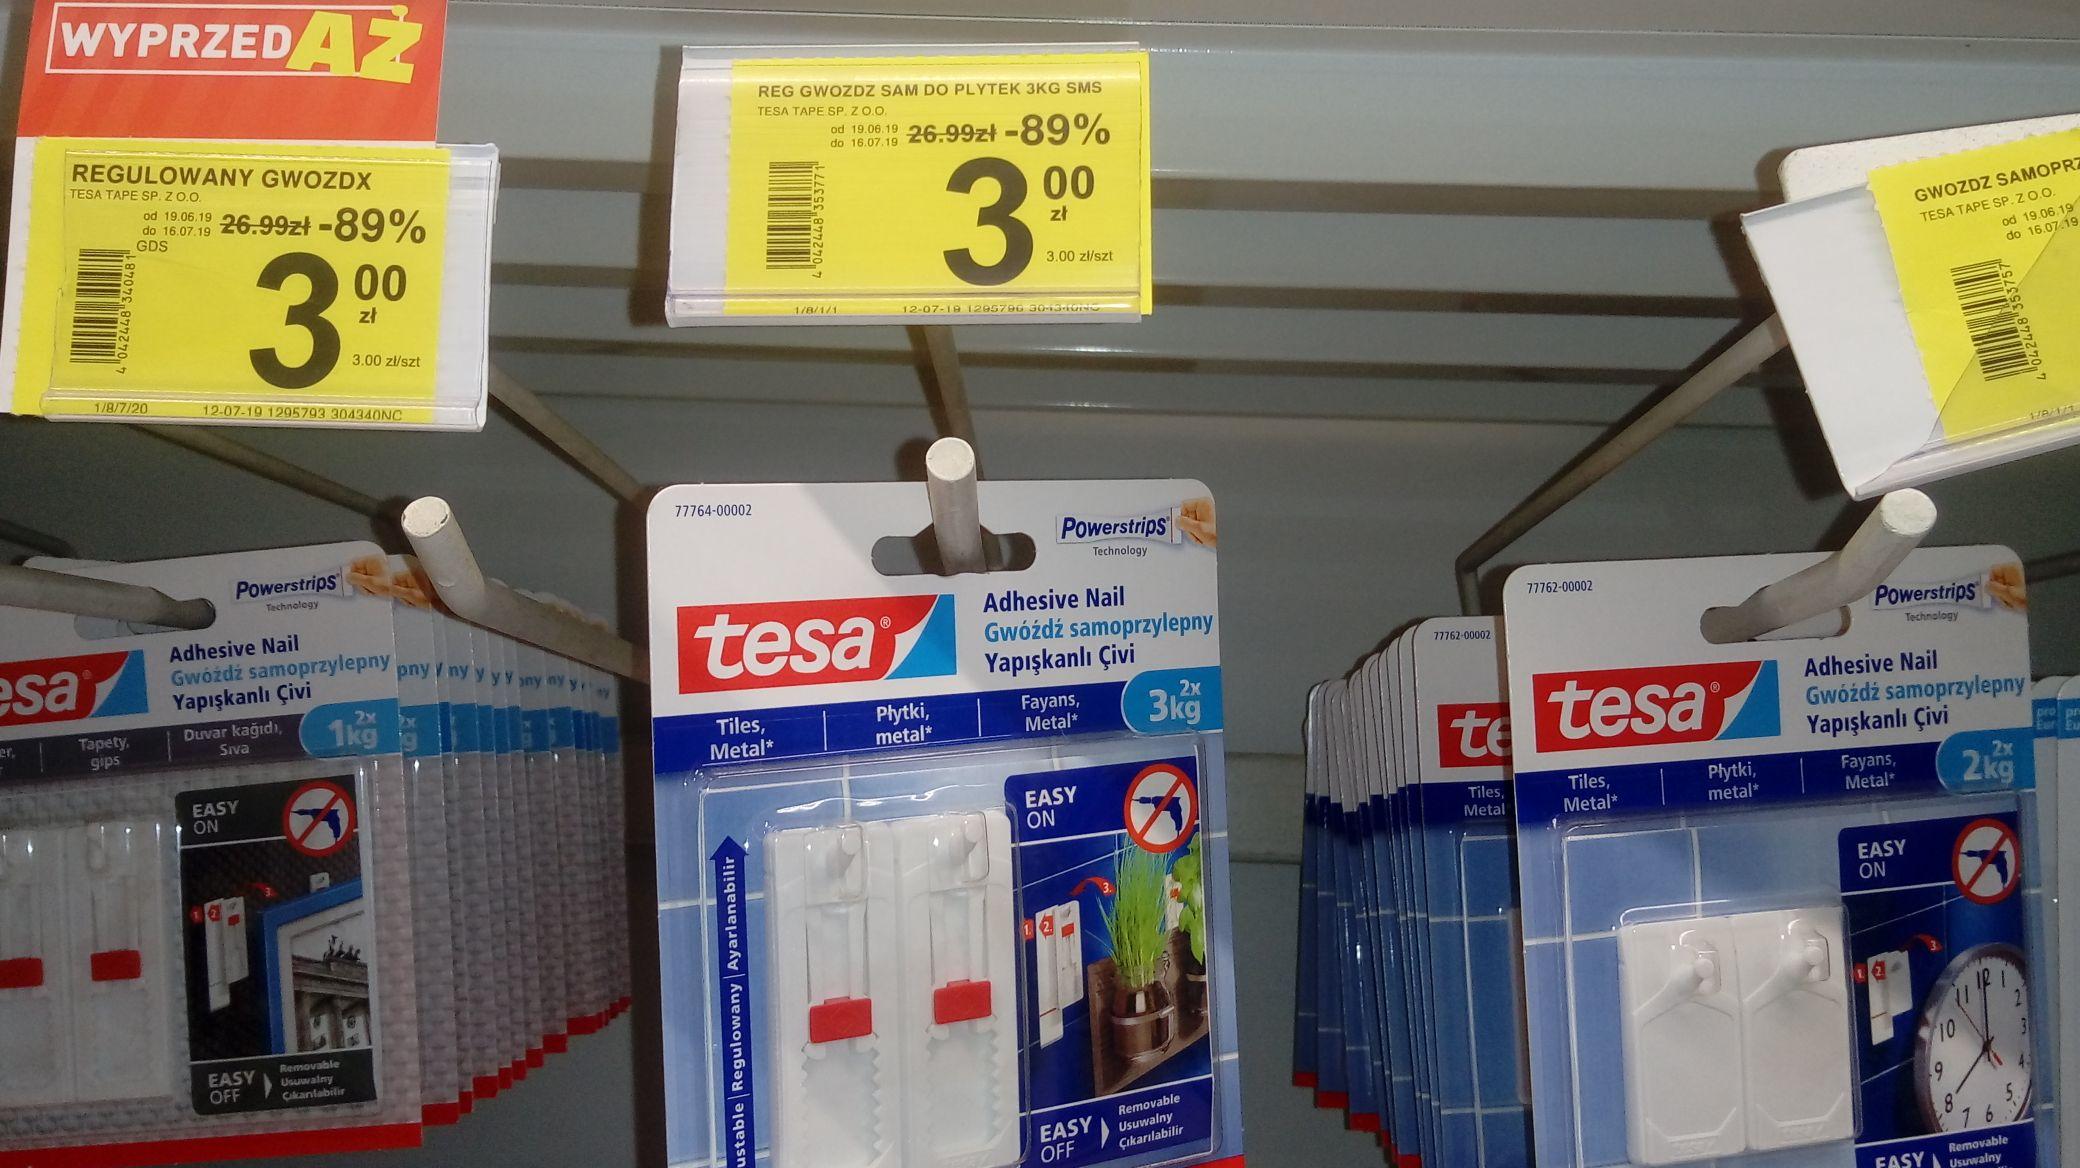 Carrefour - Tesa śruby i gwozdzie samoprzylepne.